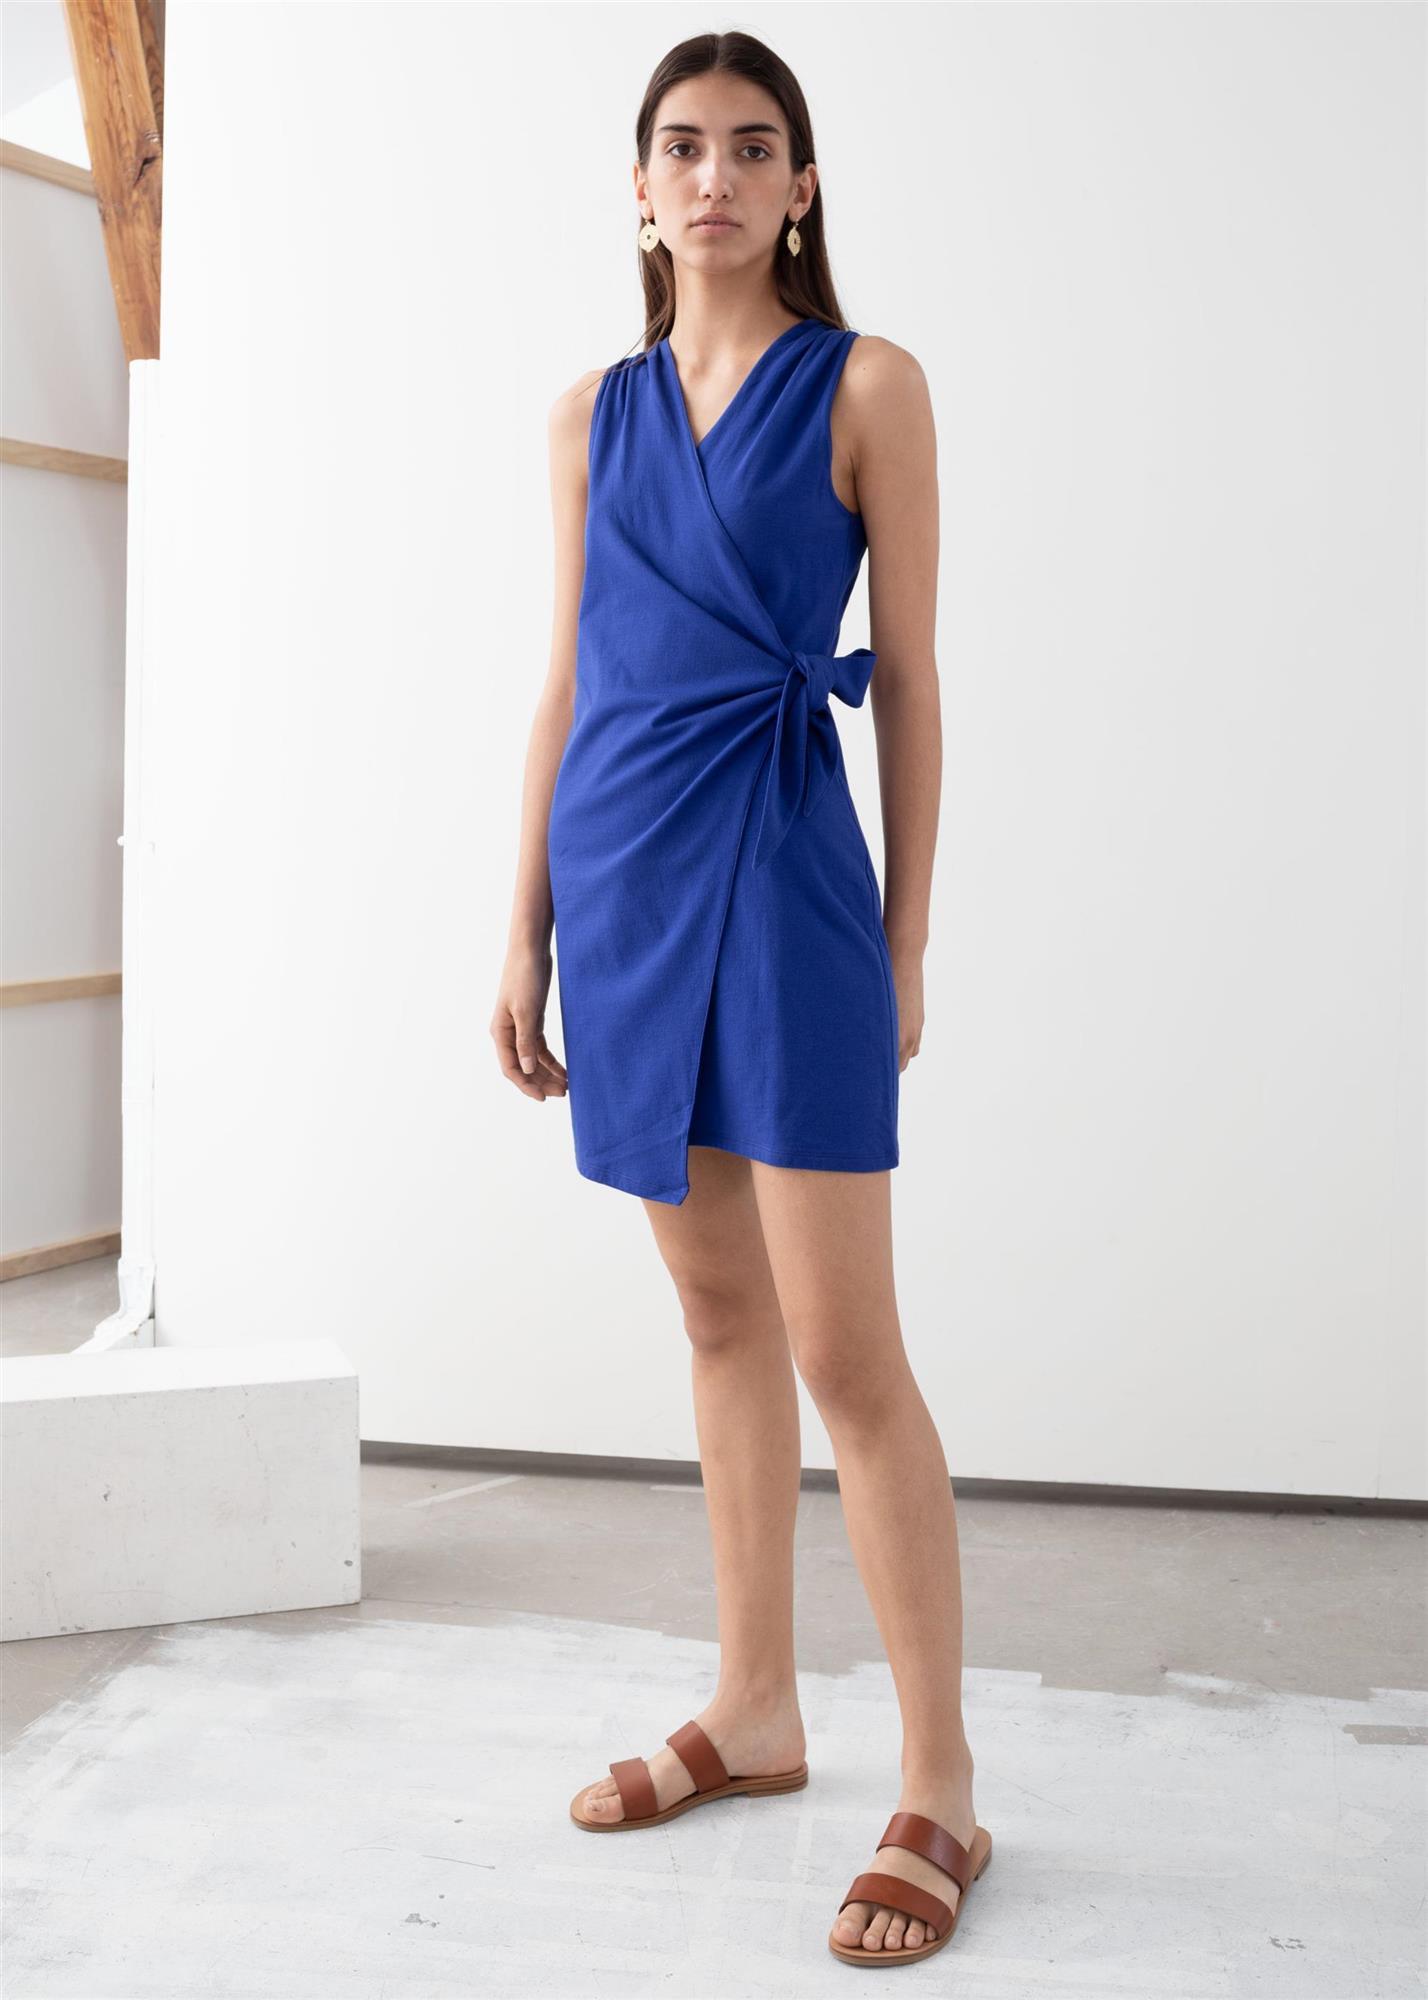 Colores De Moda Otoño 2019 El Azul